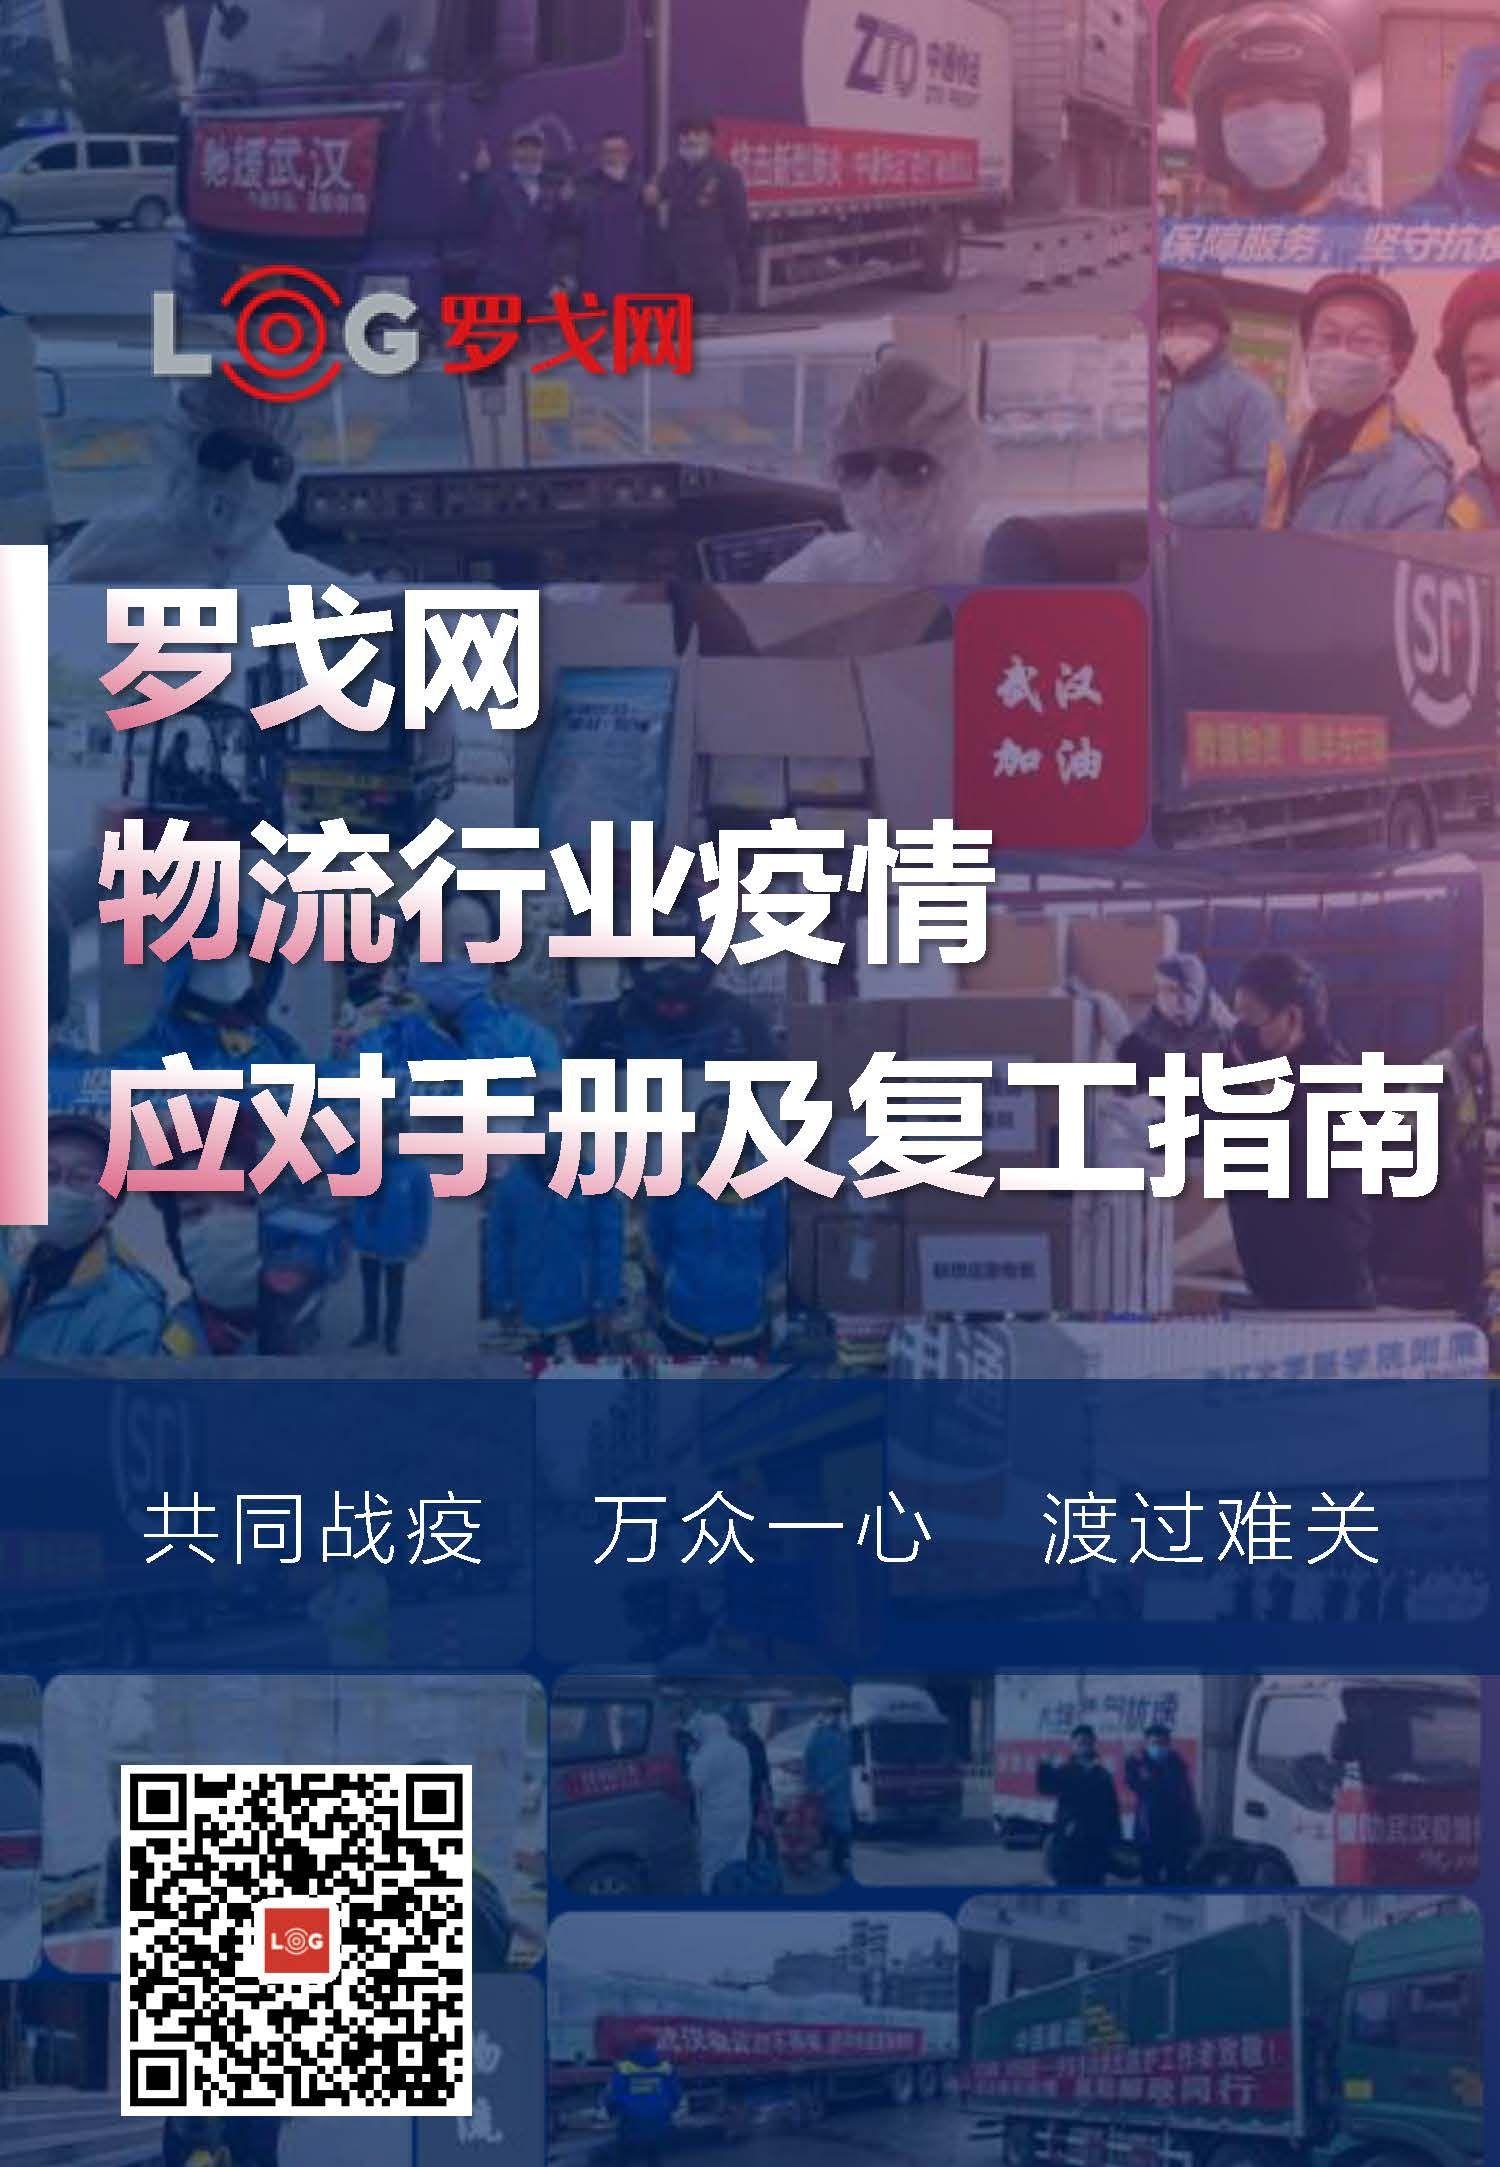 罗戈网-物流行业疫情应对手册及复工指南 (防疫资料包免费下载)